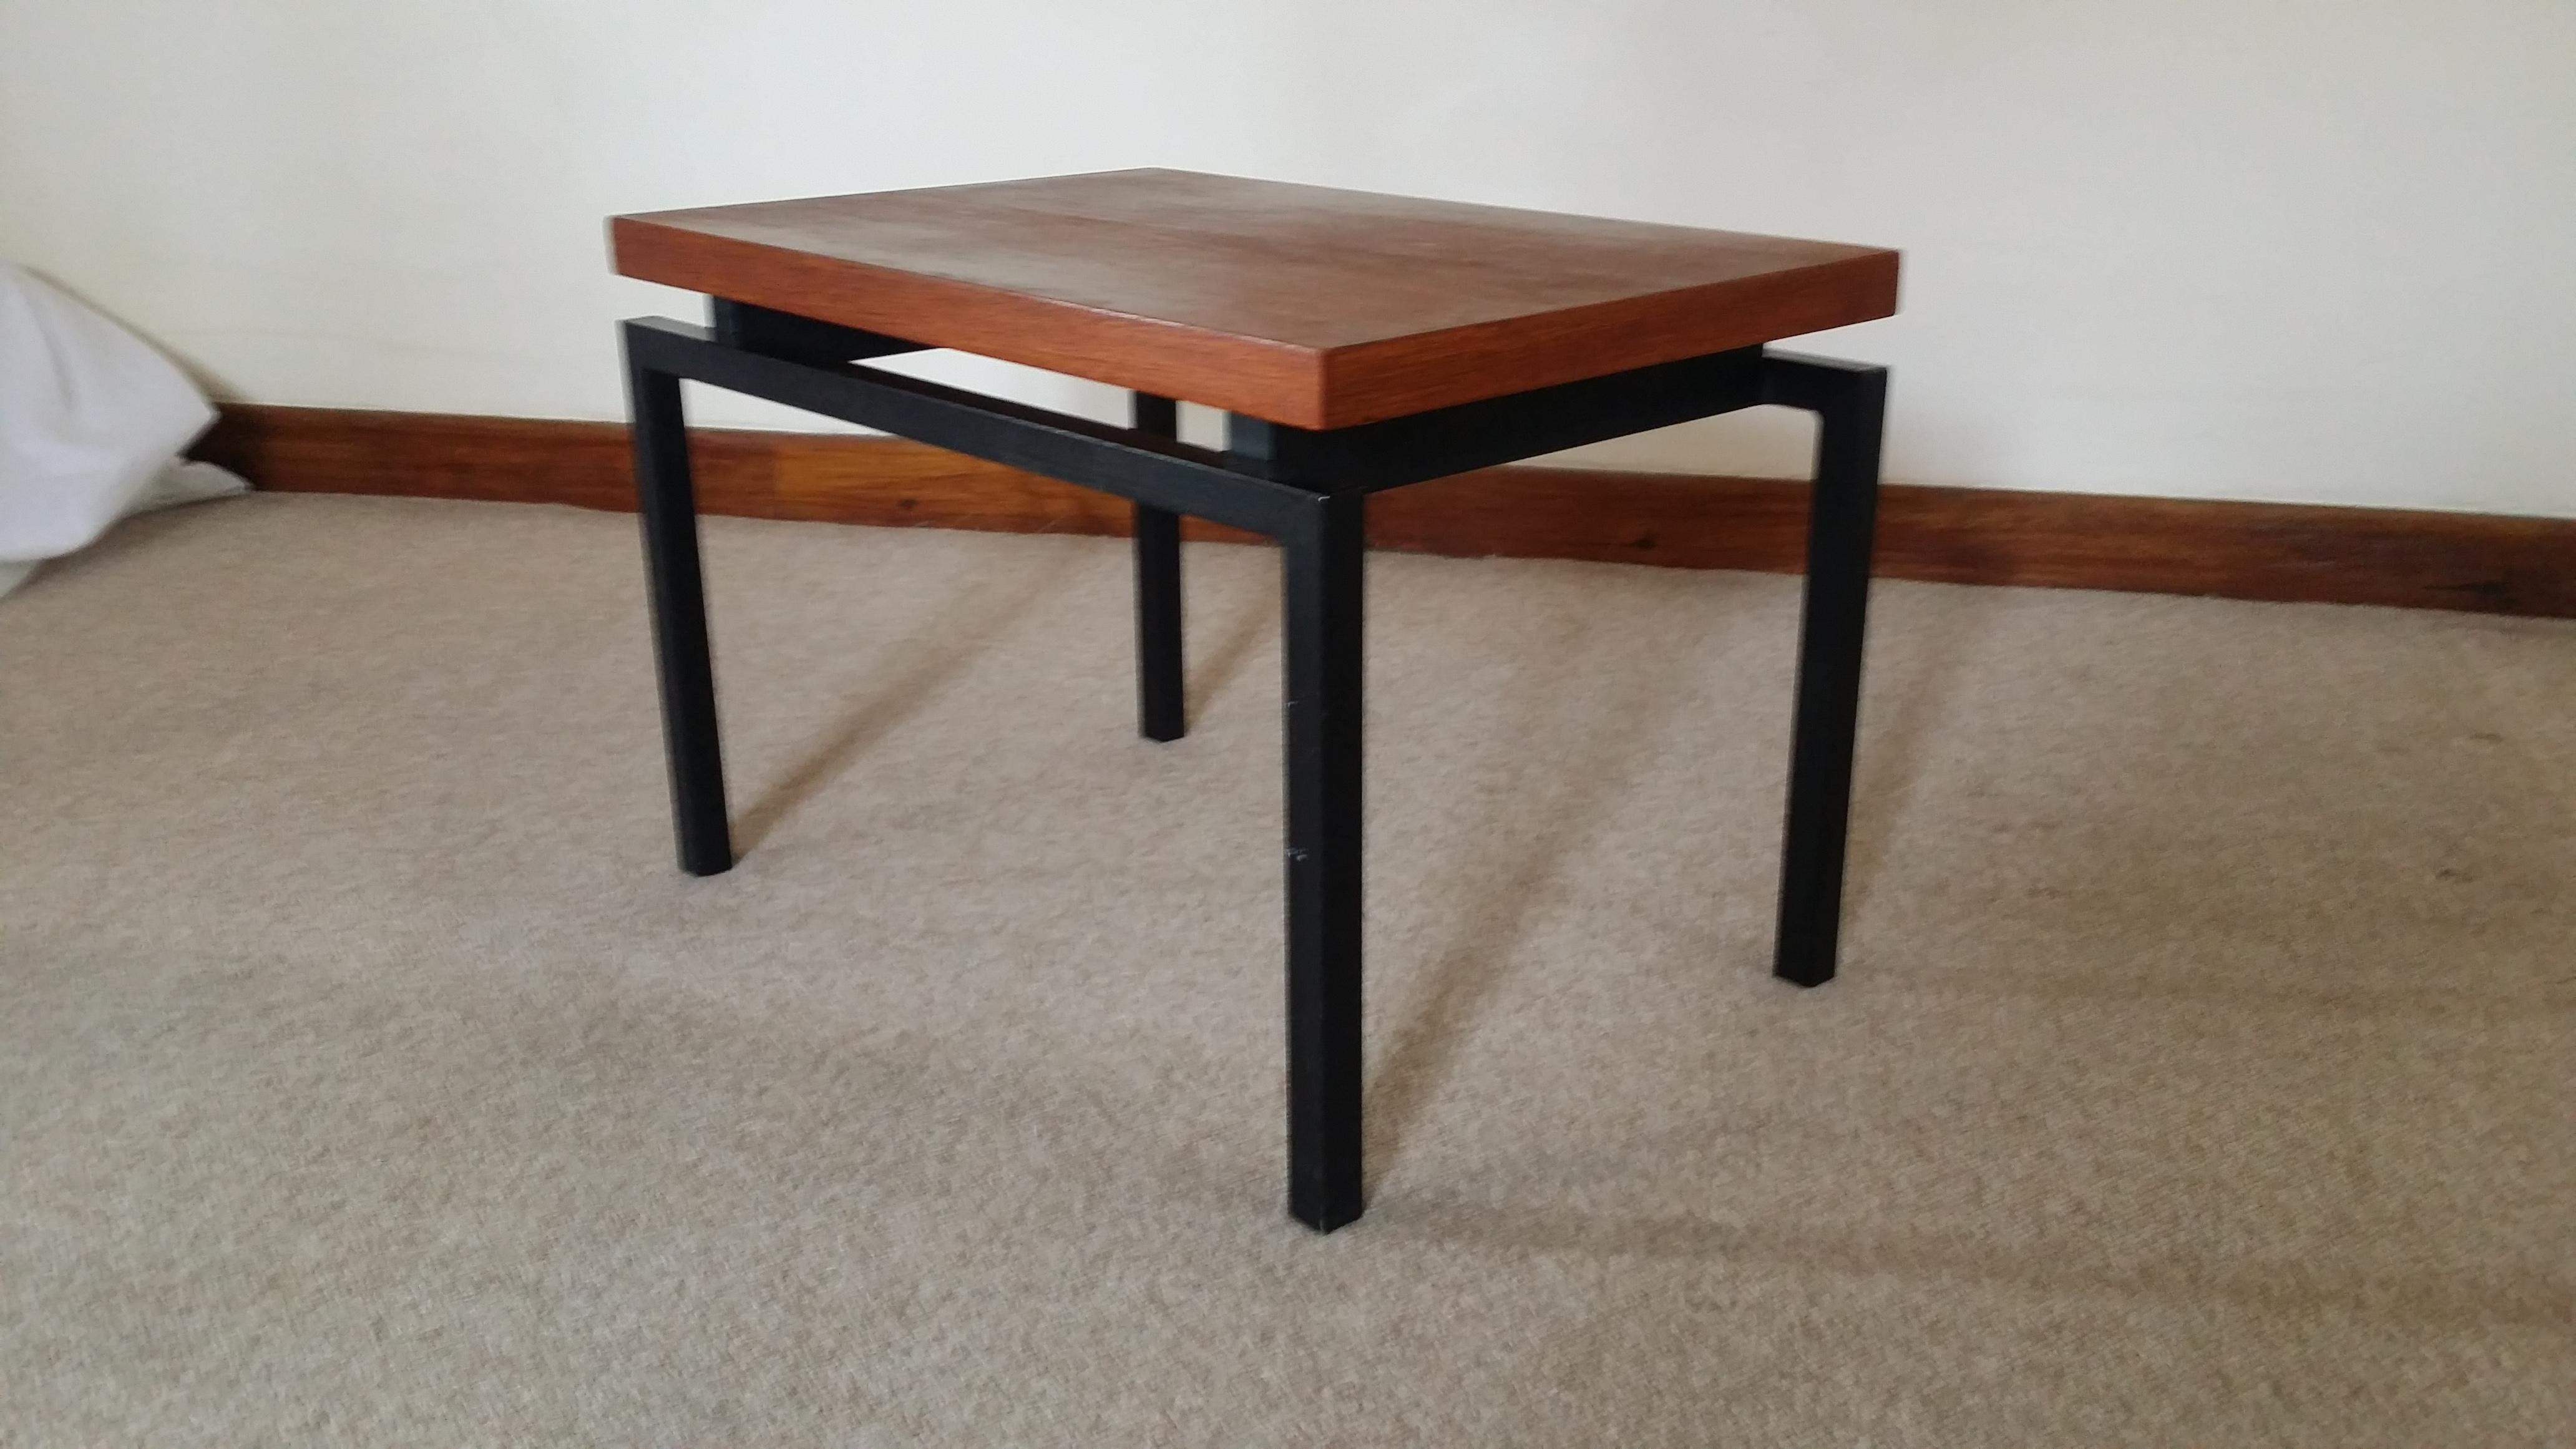 w knoll side table artichoke vintage furniture. Black Bedroom Furniture Sets. Home Design Ideas